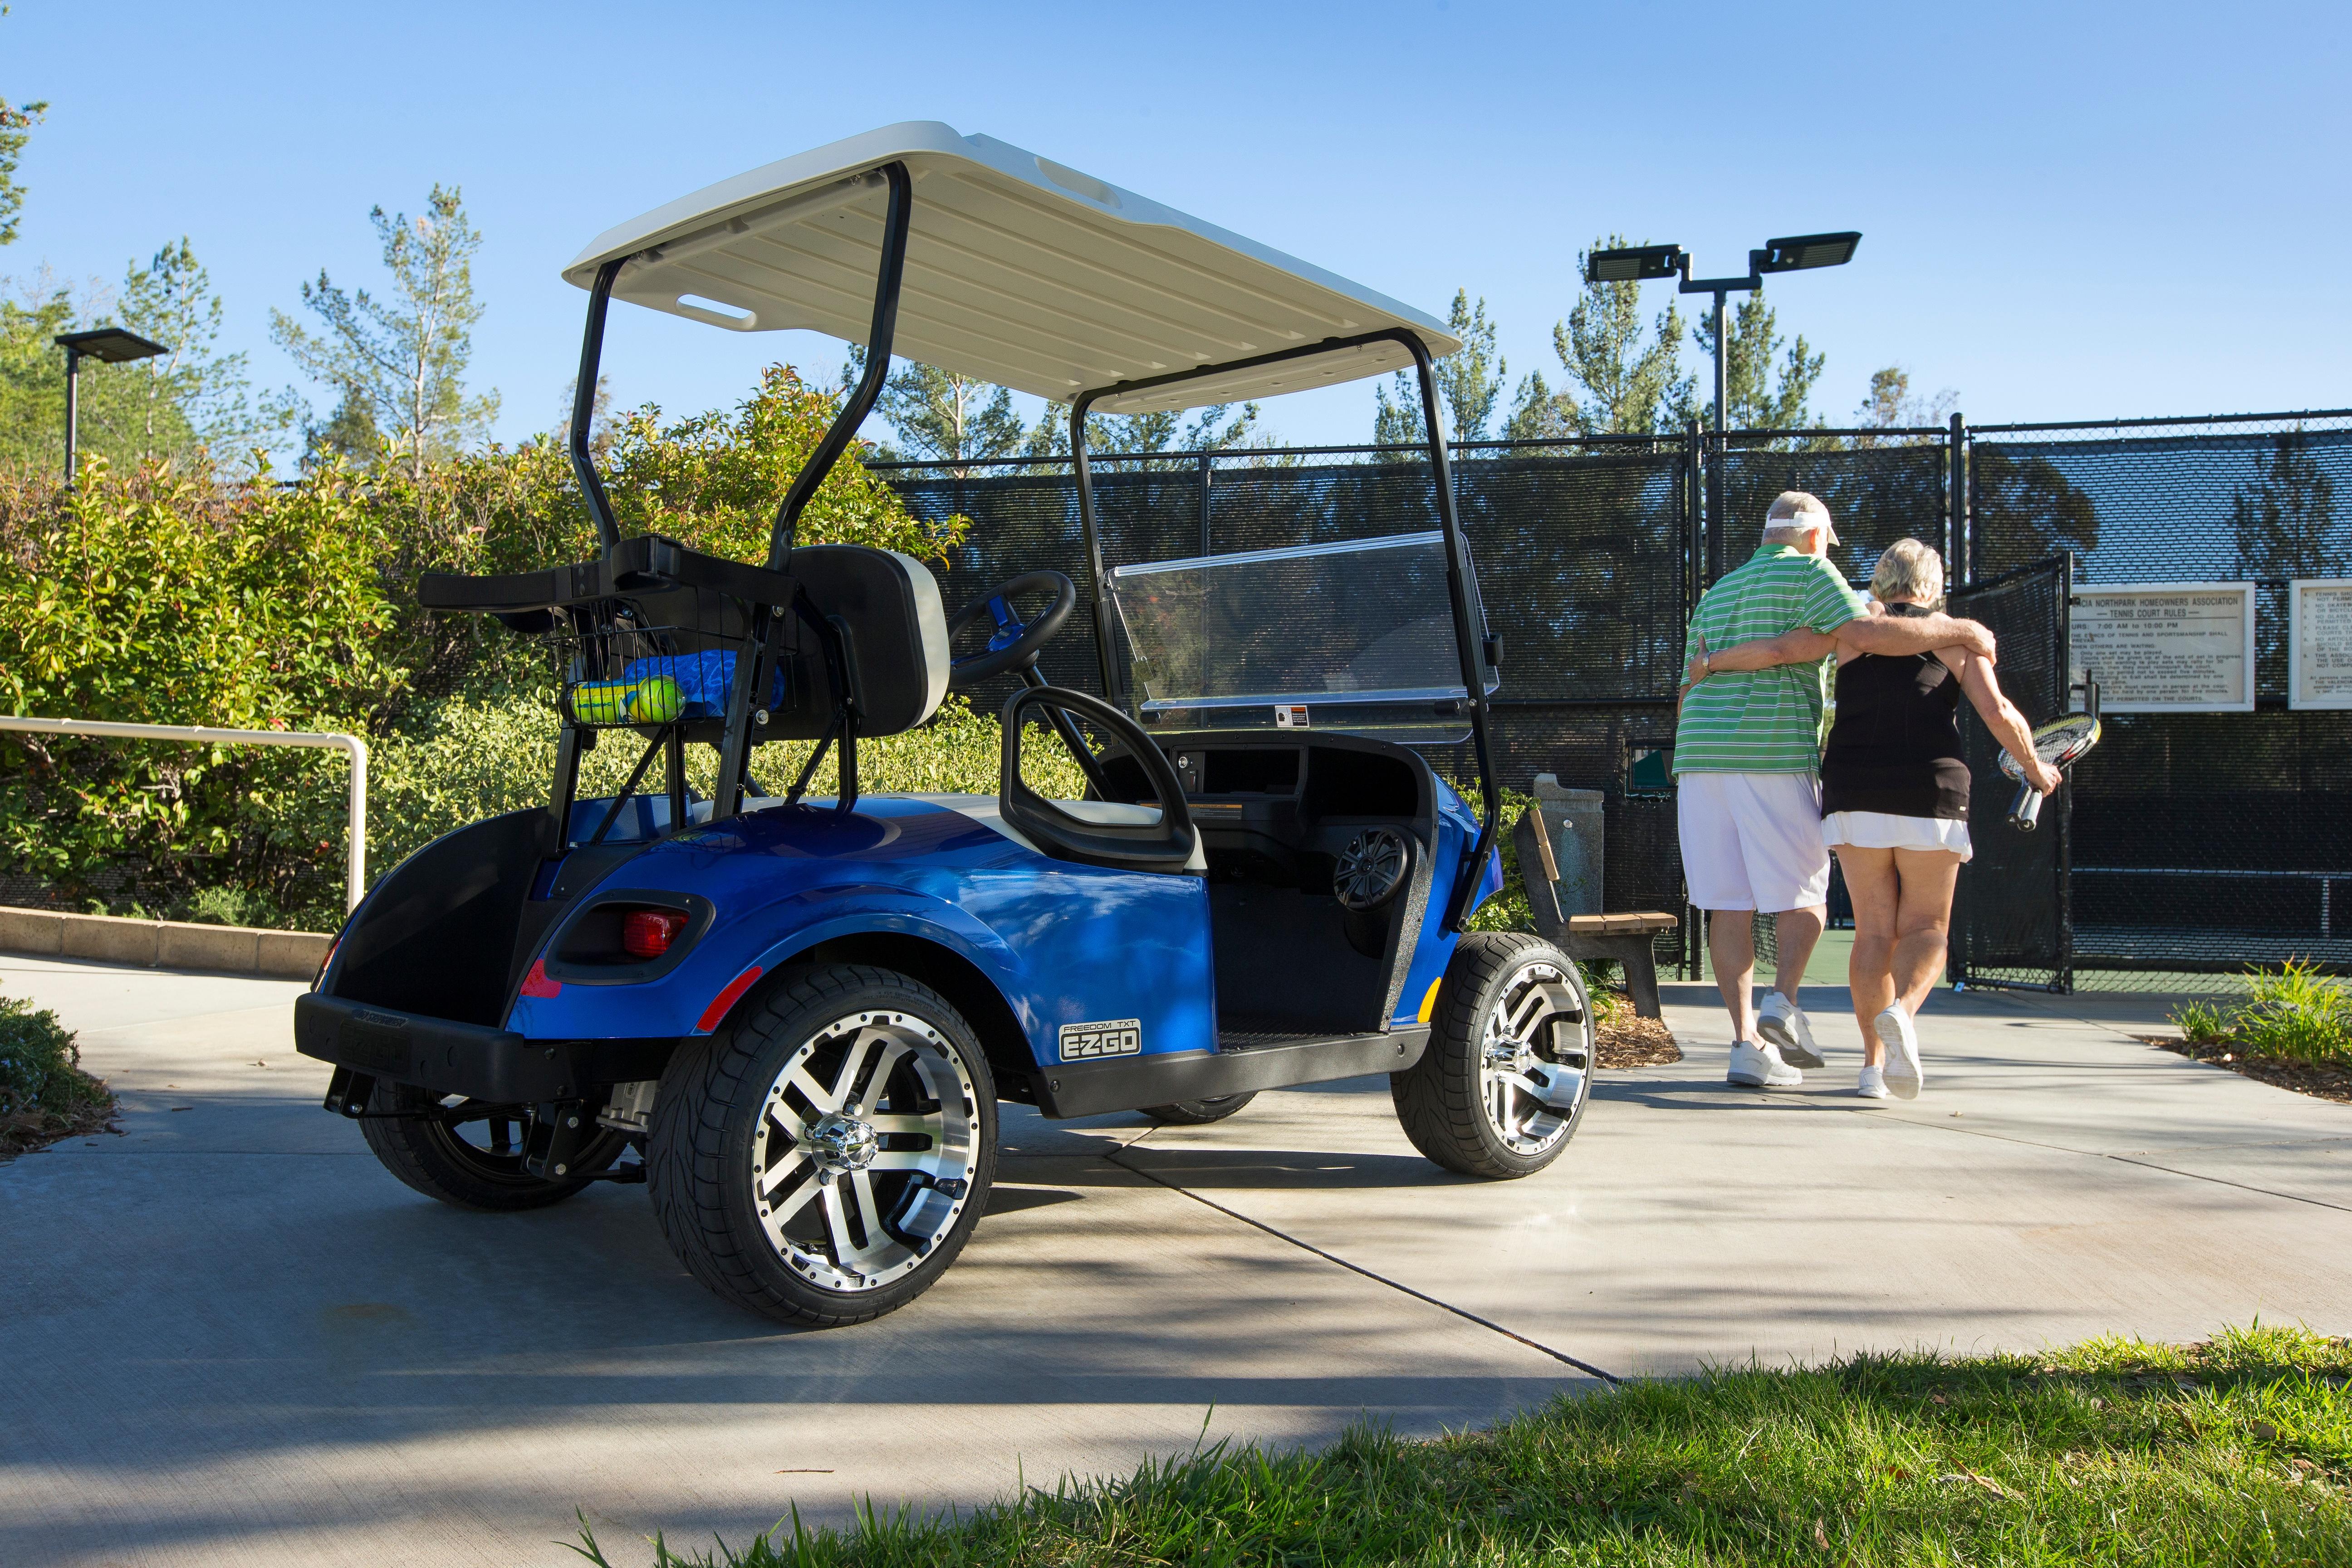 EZGO_Freedom TXT_Lifestyle Image_Tennis Couple Walking Away from Vehicle_Blue.jpg